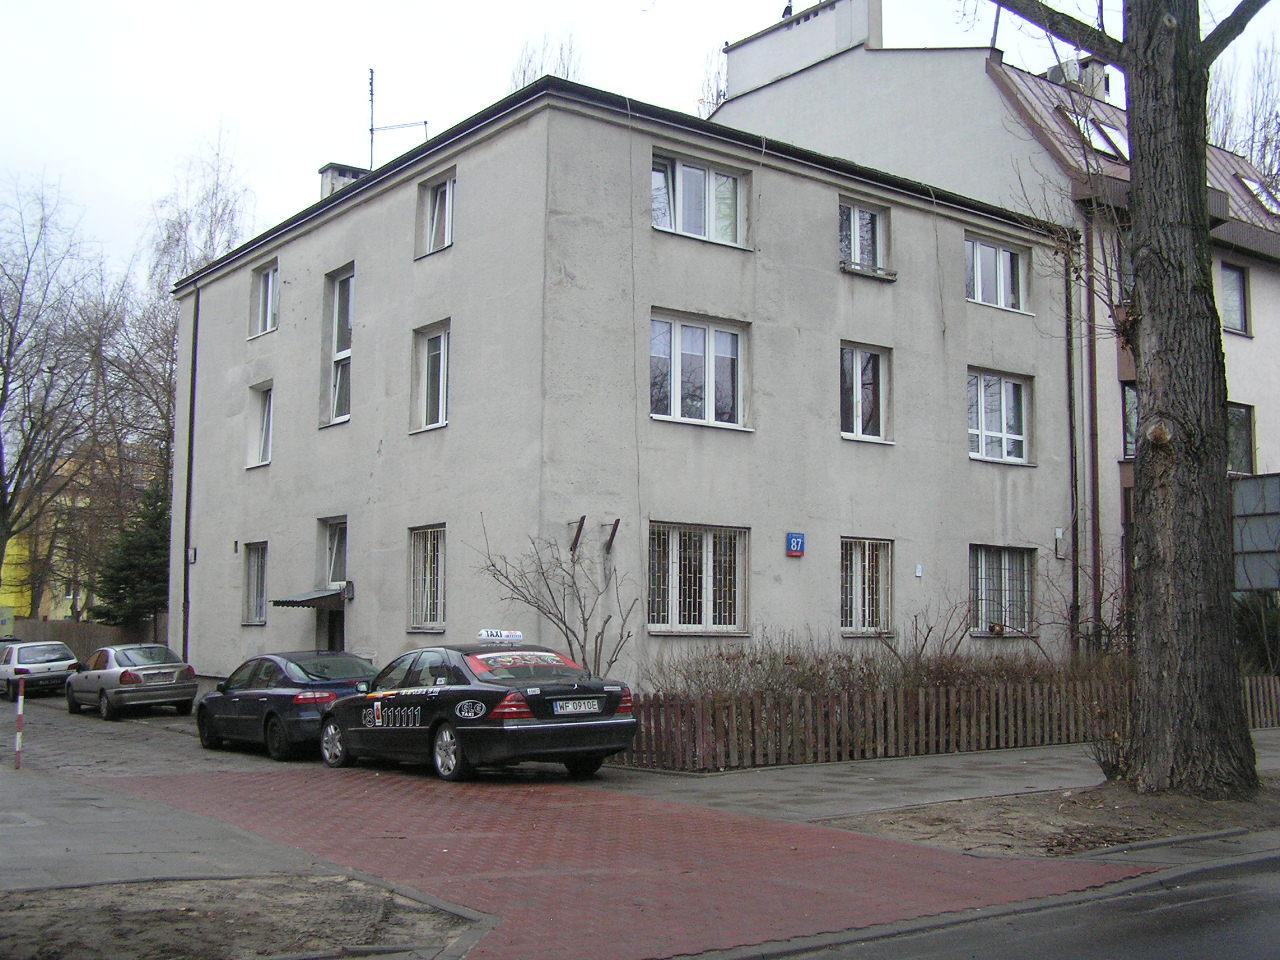 Budynek przy ulicy Międzyborskiej 87 na Grochowie